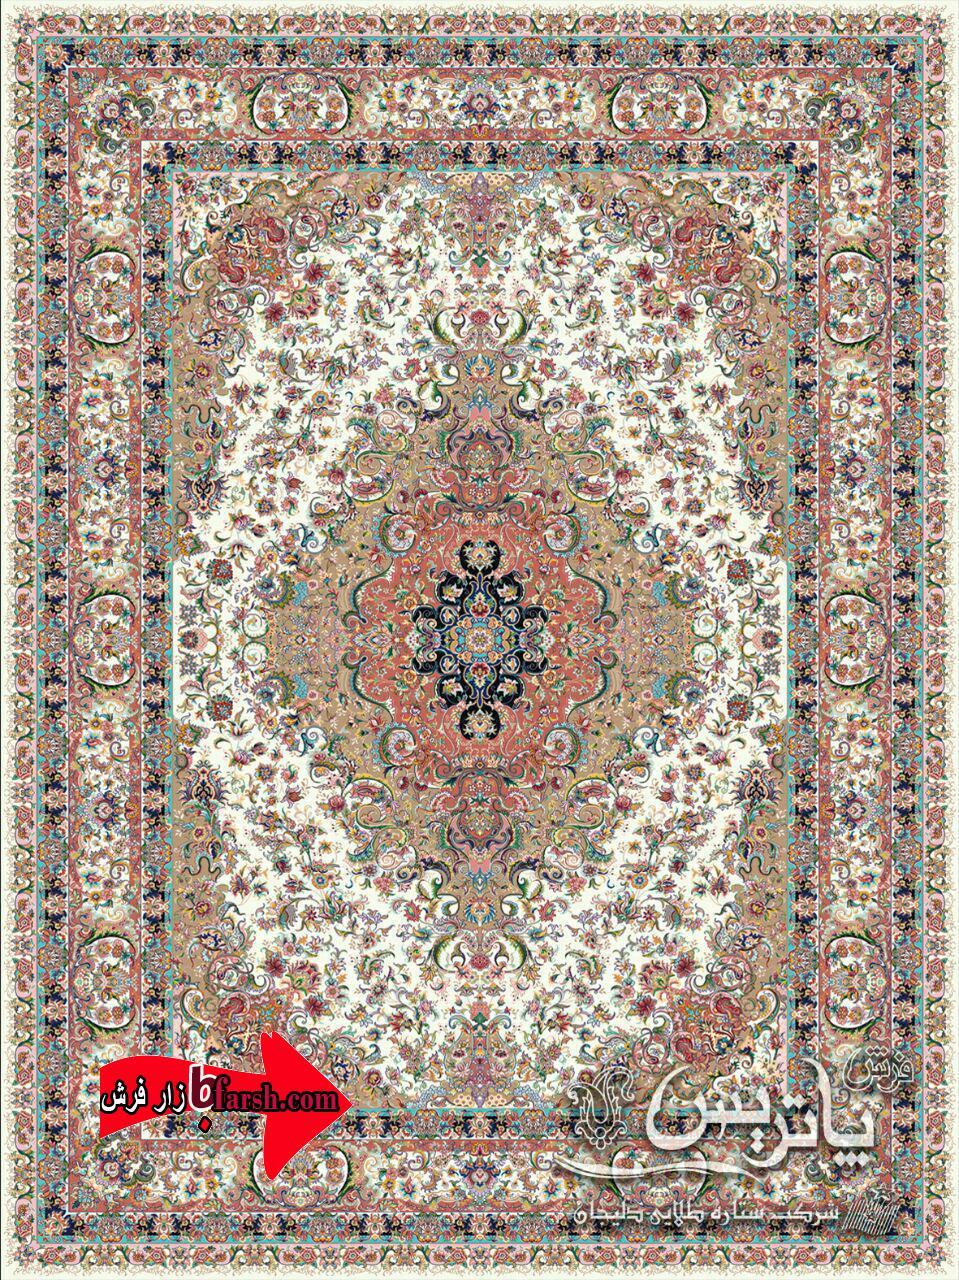 قیمت فرش پاتریس دلیجان